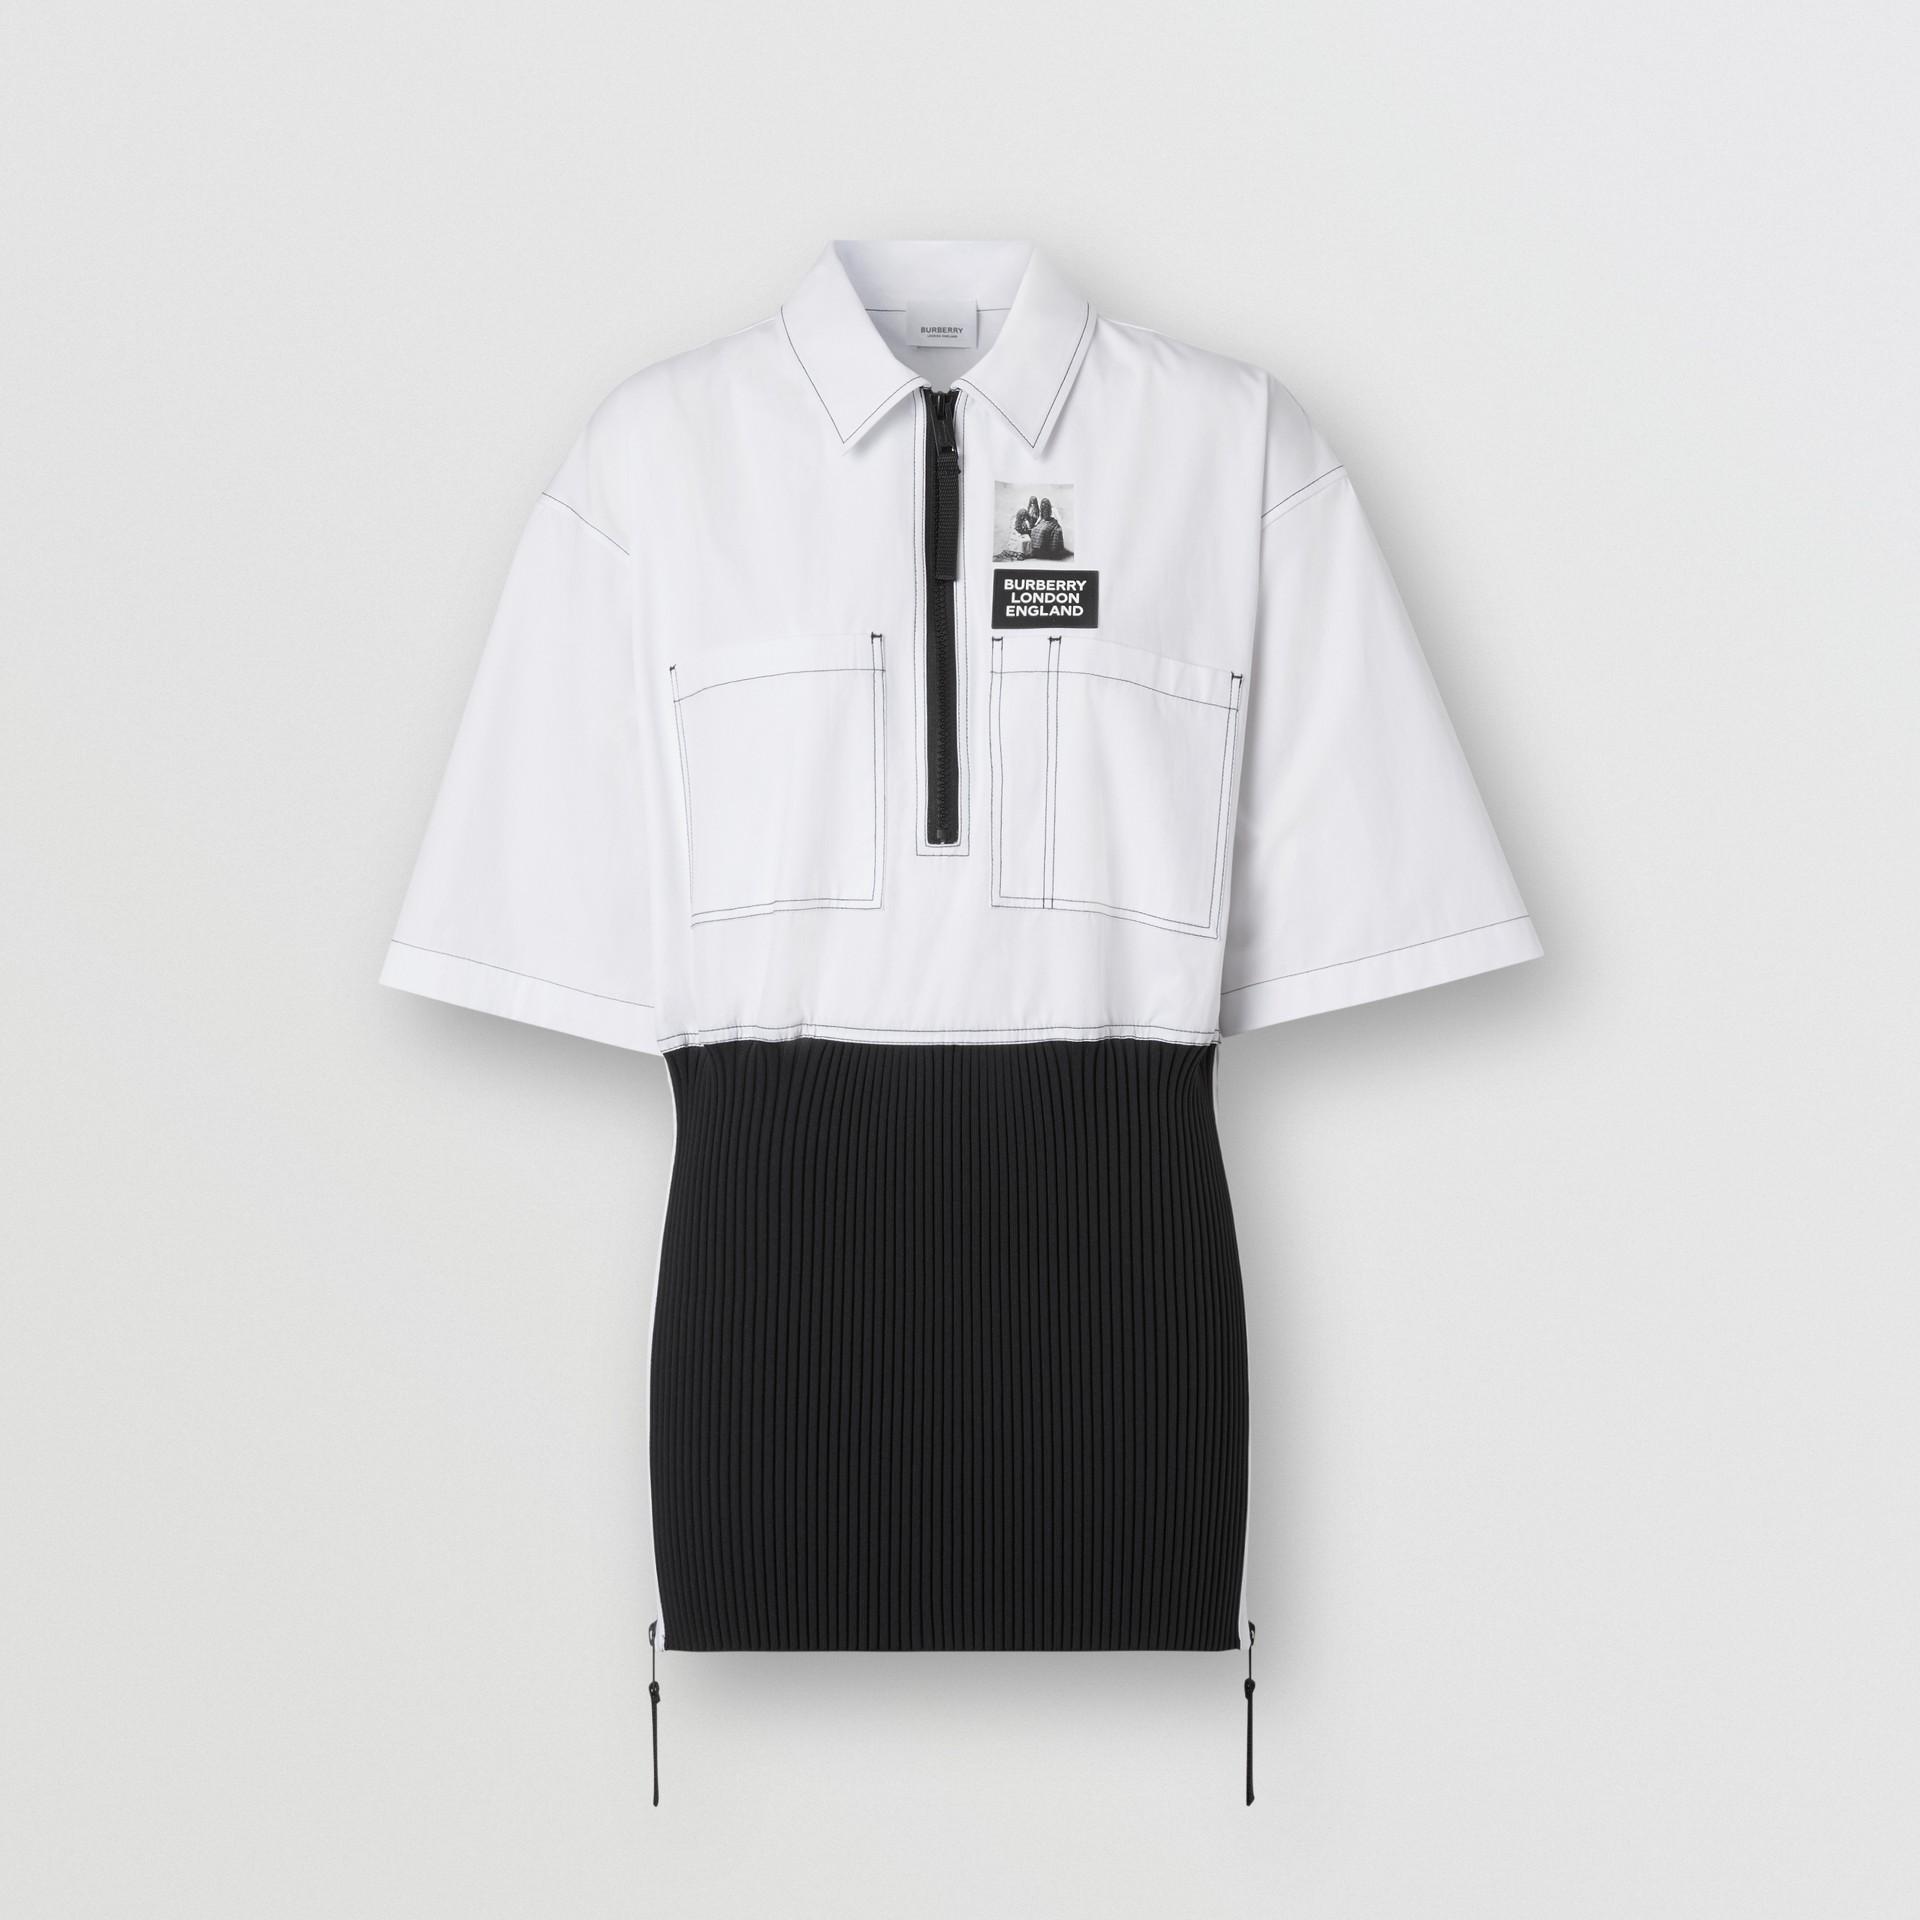 Объемная футболка с трикотажной отделкой (Оптический Белый) - Для женщин | Burberry - изображение 1